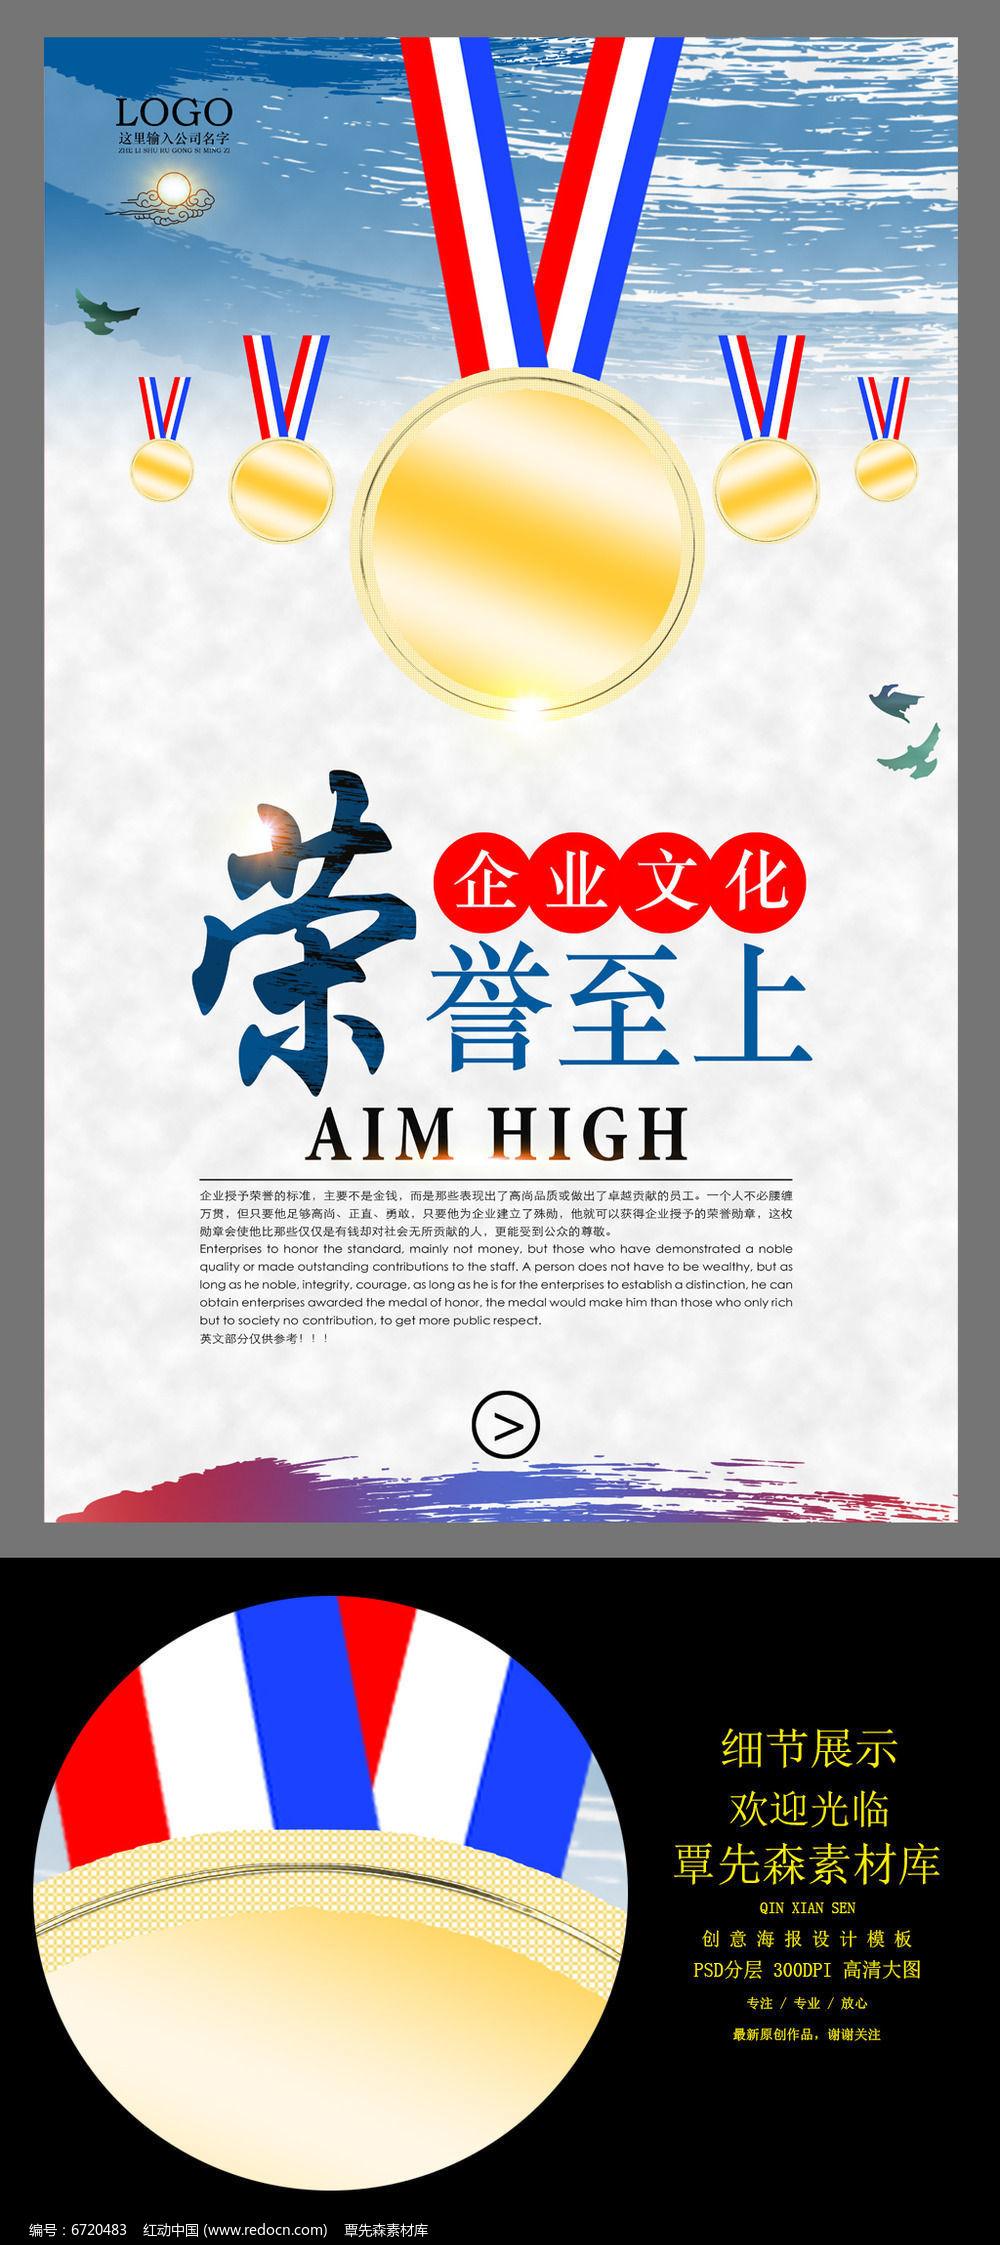 大气中国风荣誉至上企业文化展板设计图片